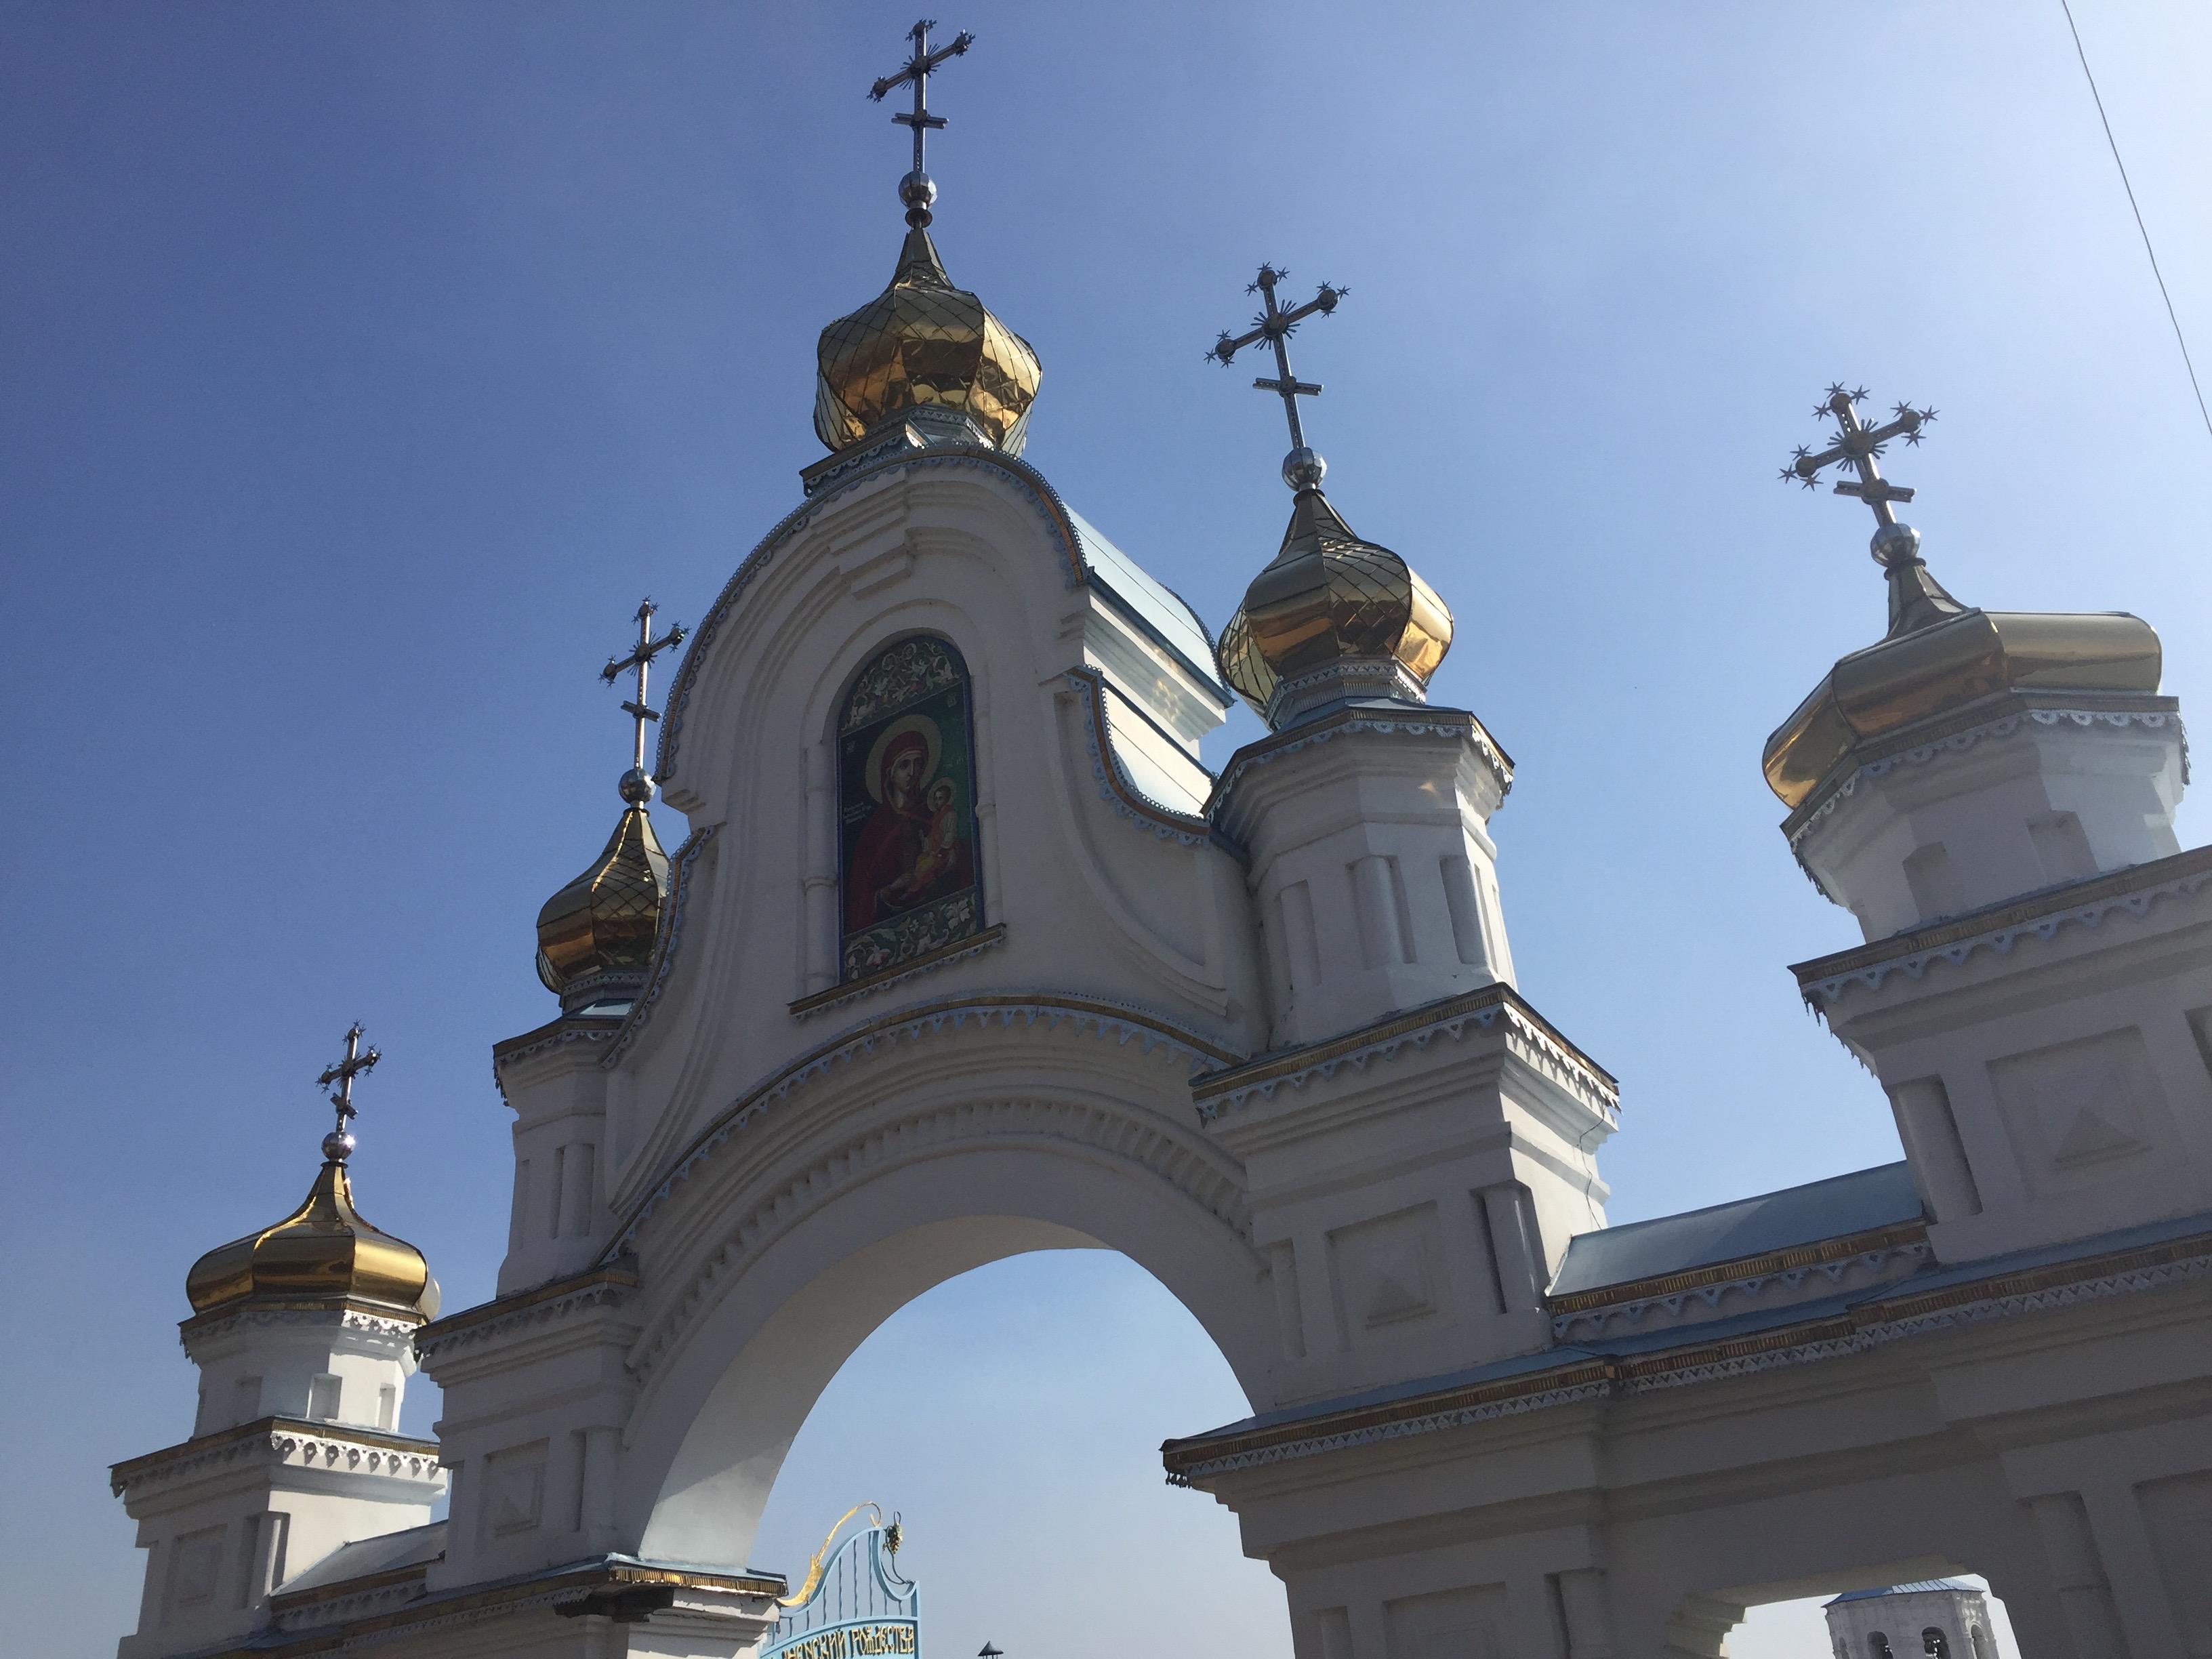 モルチェンスキー修道院の門